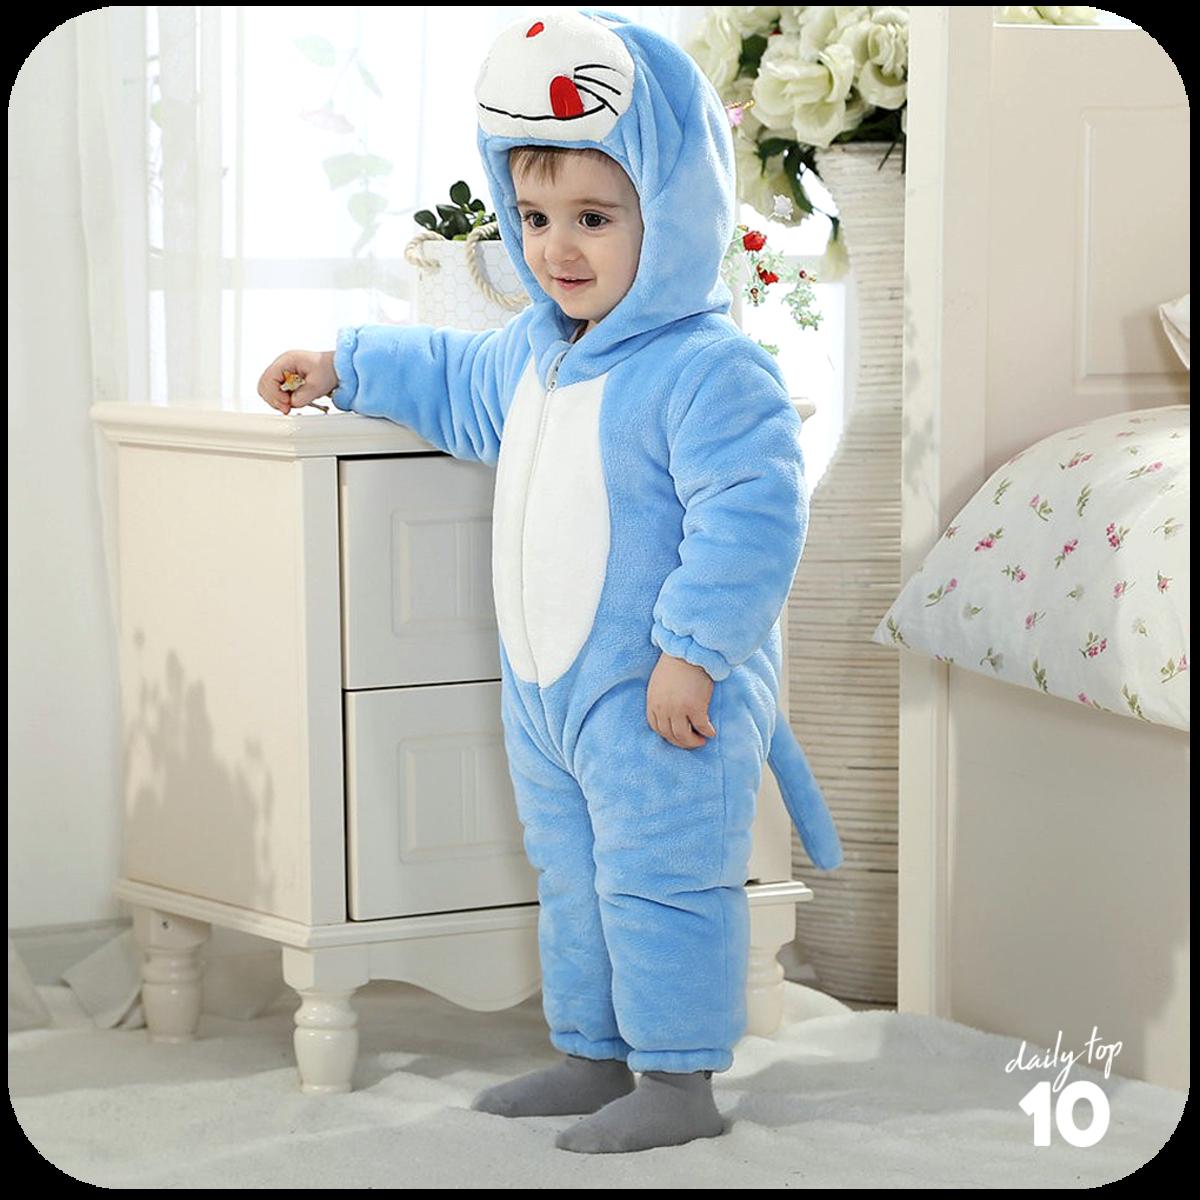 Doraemon Baby Costume